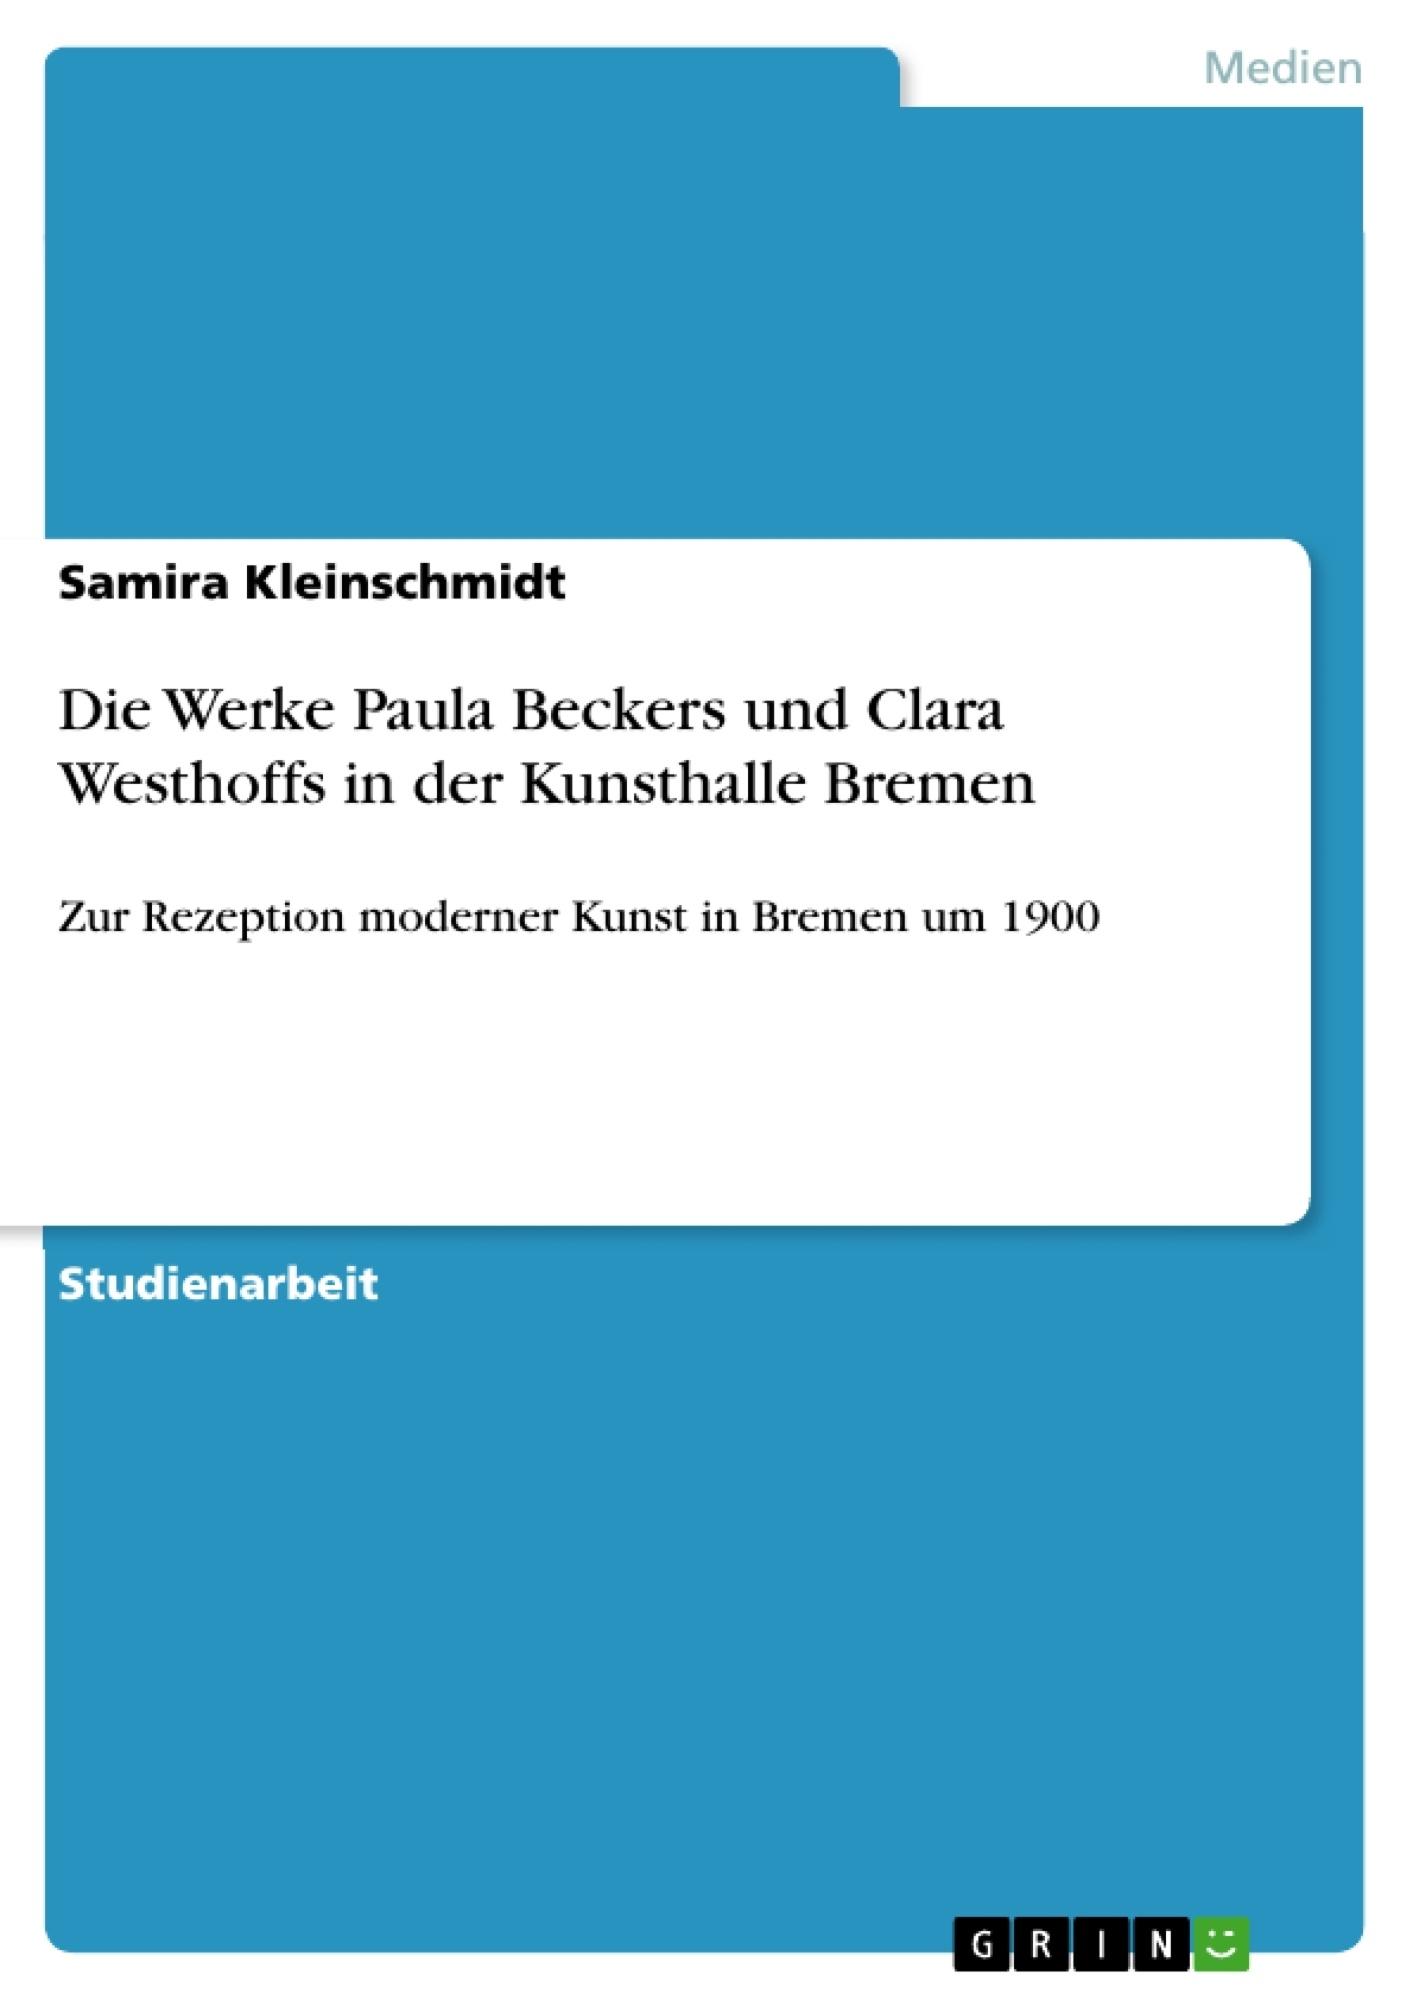 Titel: Die Werke Paula Beckers und Clara Westhoffs in der Kunsthalle Bremen